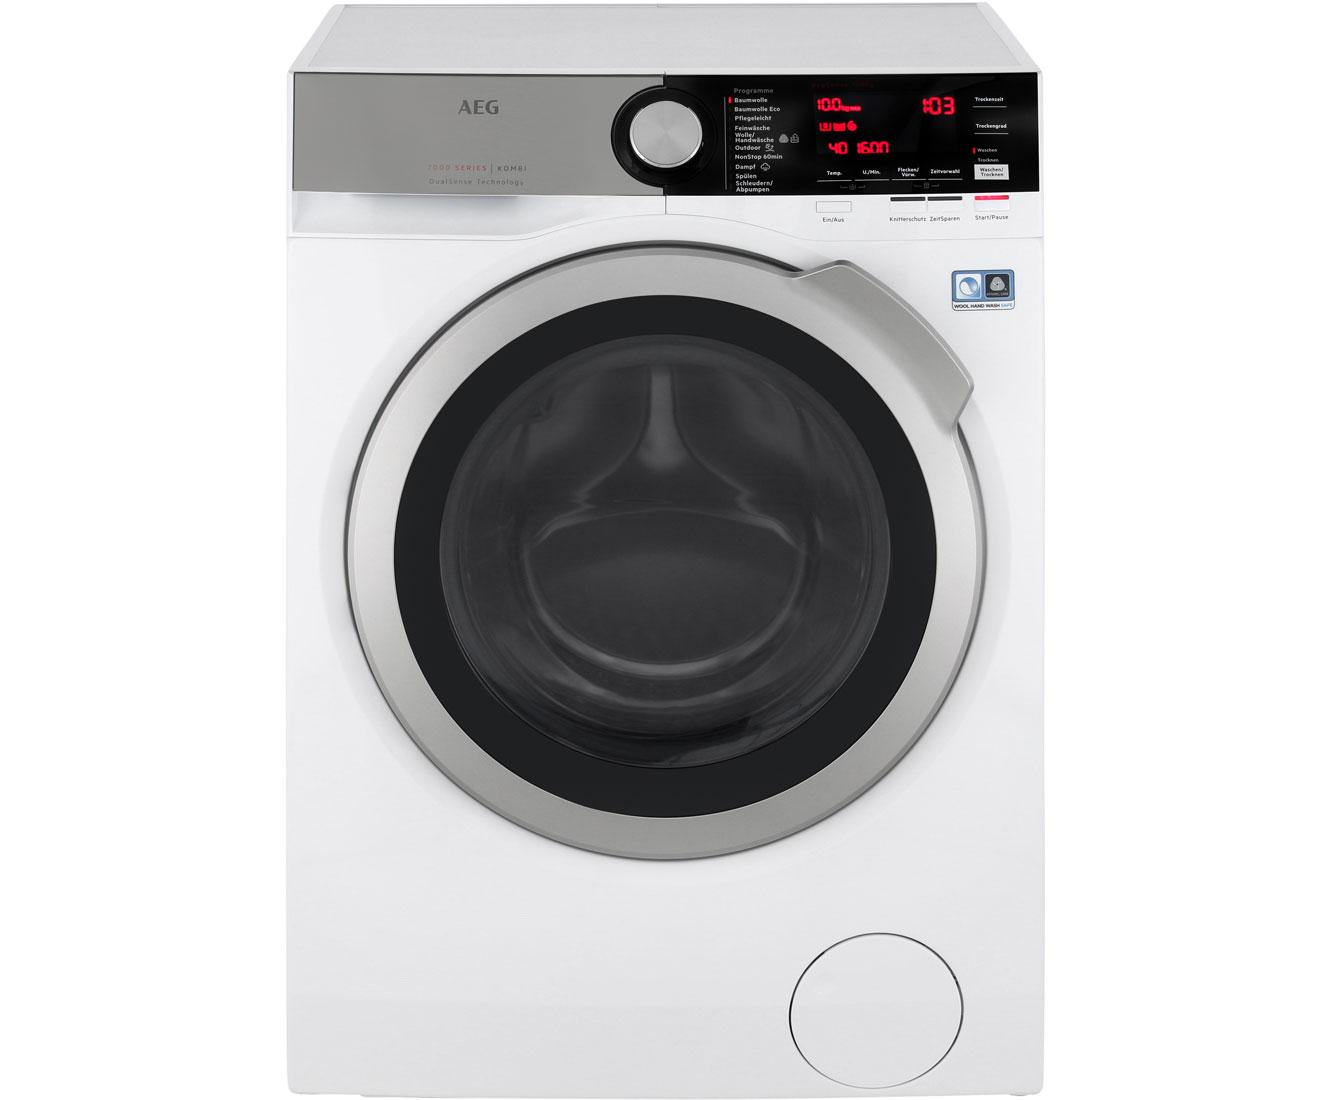 AEG Lavamat Kombi L7WE86605 Waschtrockner - Weiss